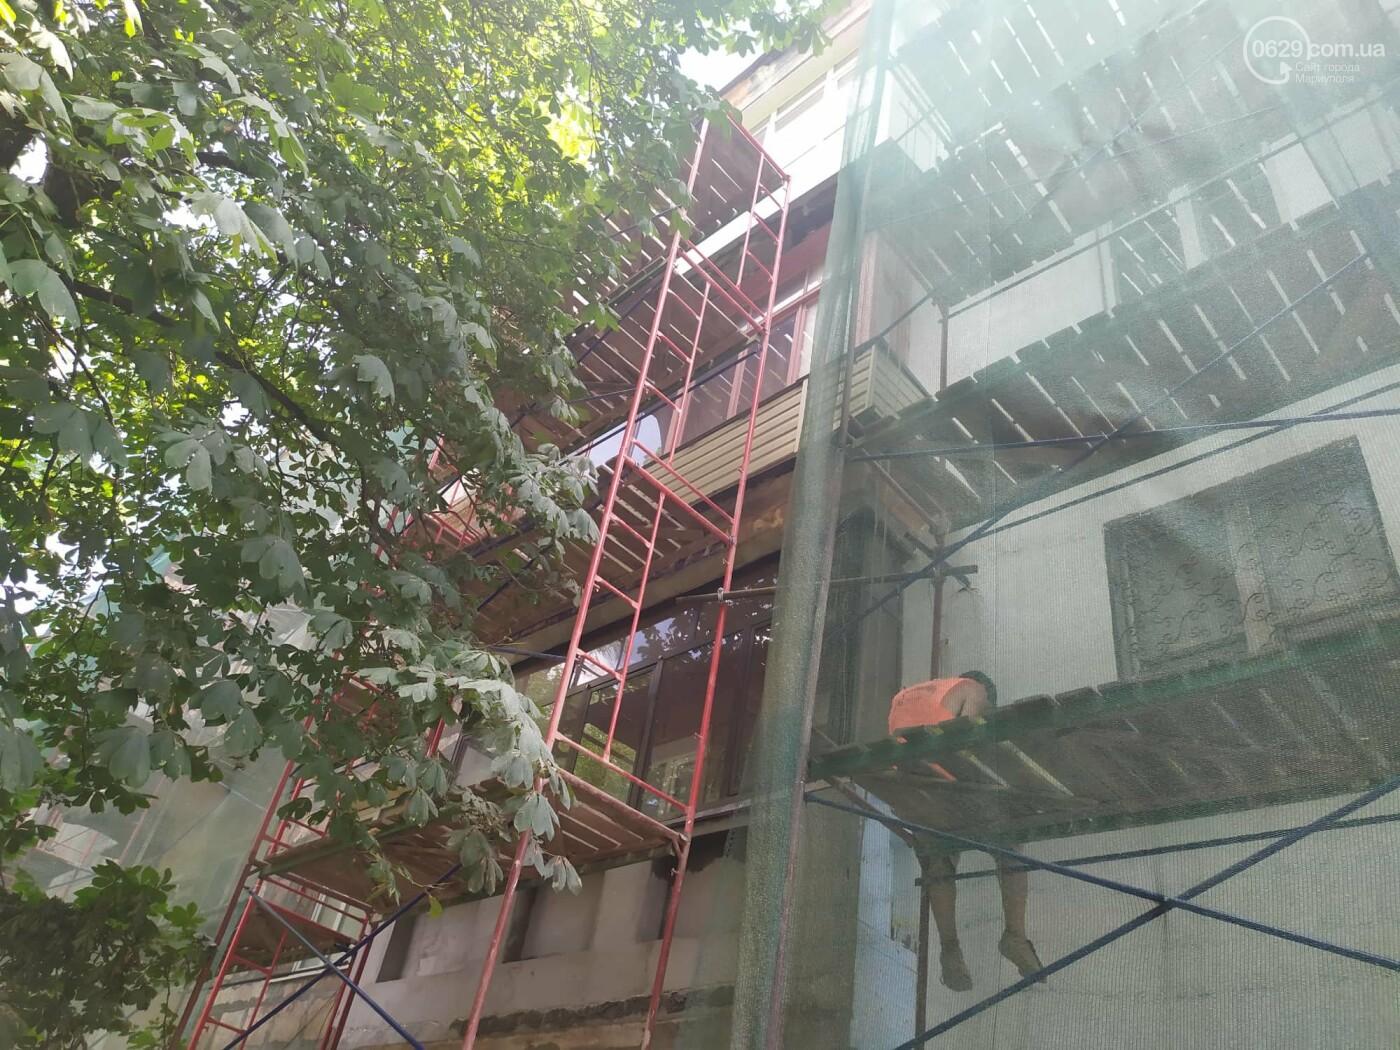 Опасный ремонт! В центре Мариуполя грабители лезут по строительным лесам в квартиры многоэтажки, - ФОТО, фото-2